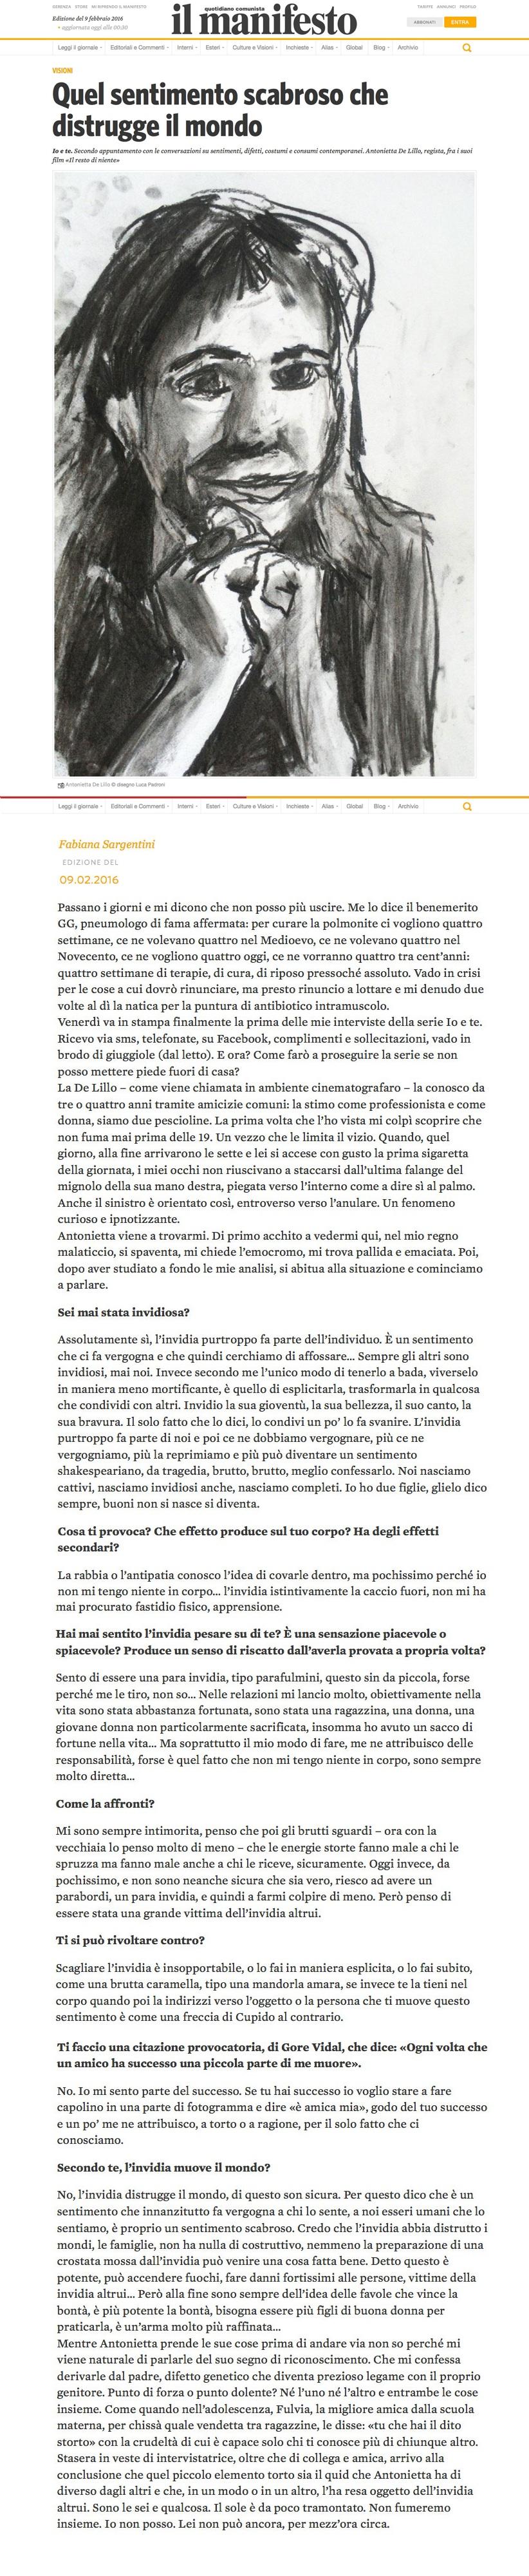 manifesto_Sargentini